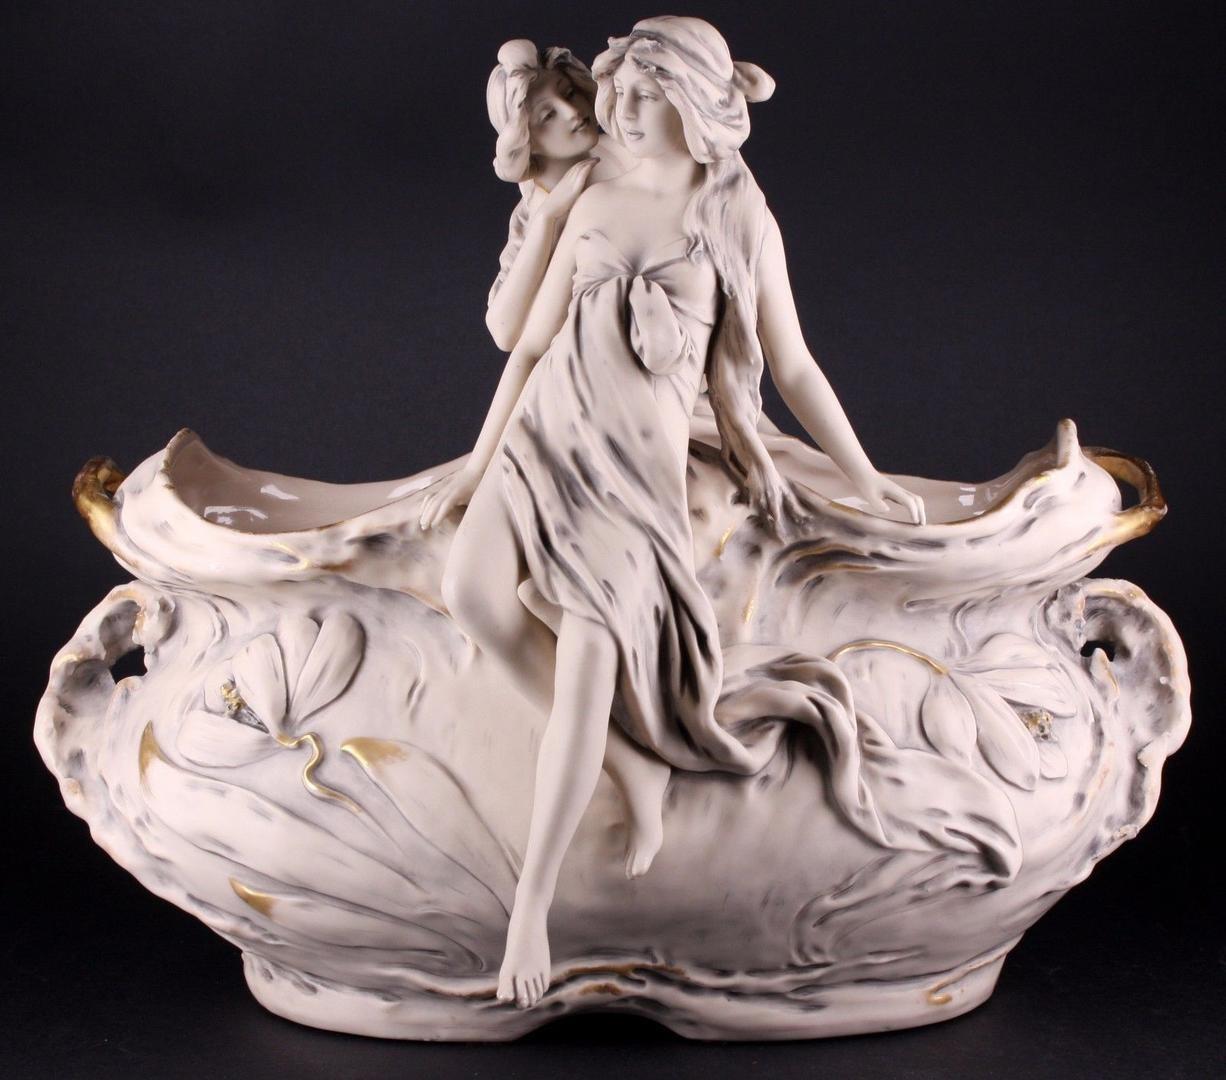 royal dux vases antique of antique royal dux bohemia art nouveau porcelain pottery nymph vase with regard to previous